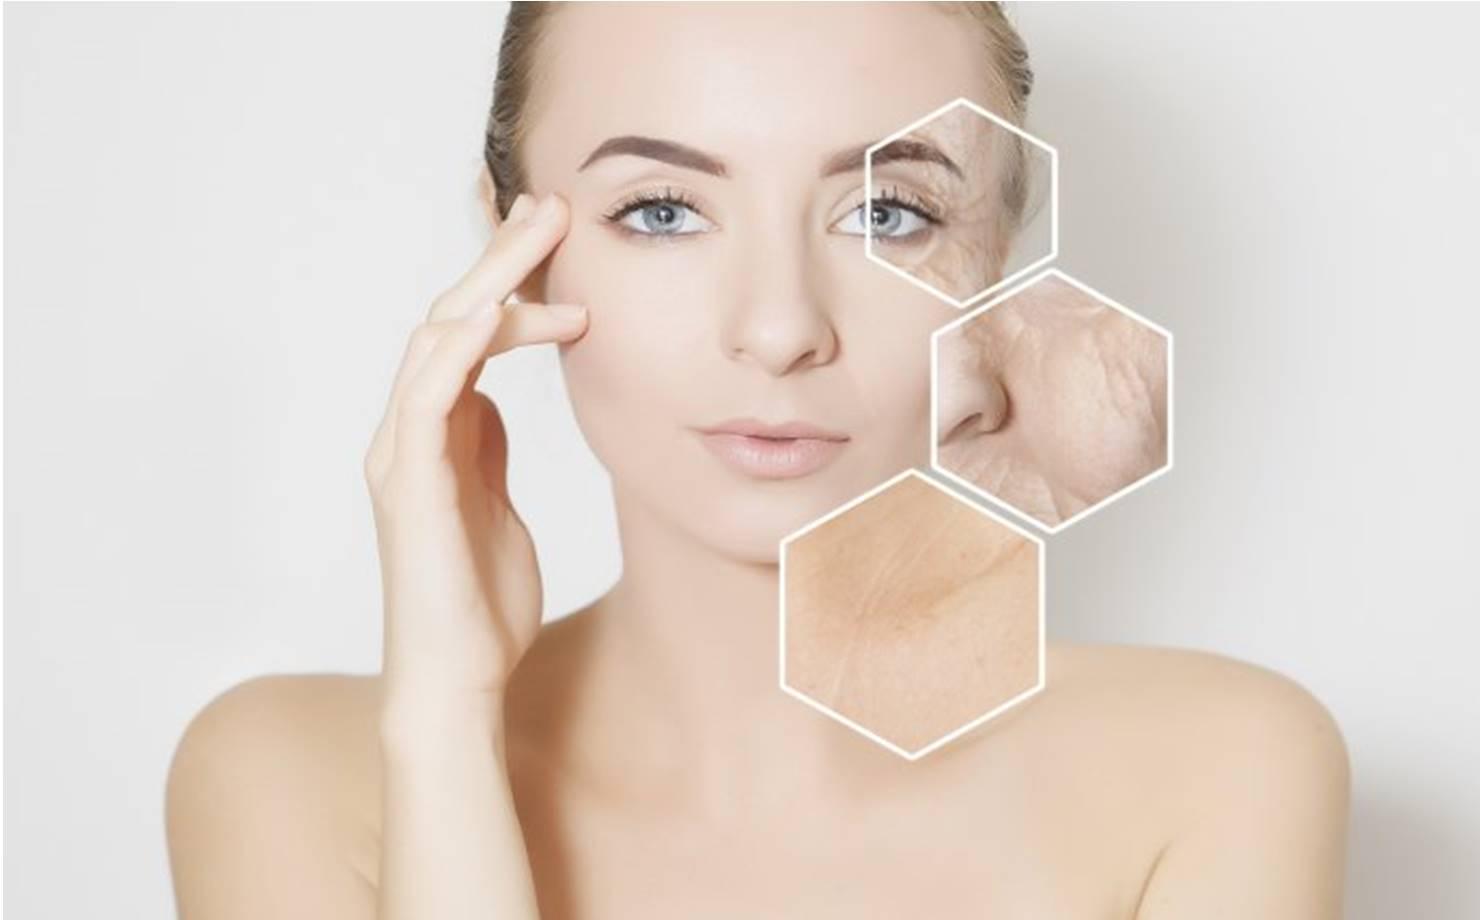 Nutrição para sua pele: confira os alimentos com ácido hialurônico